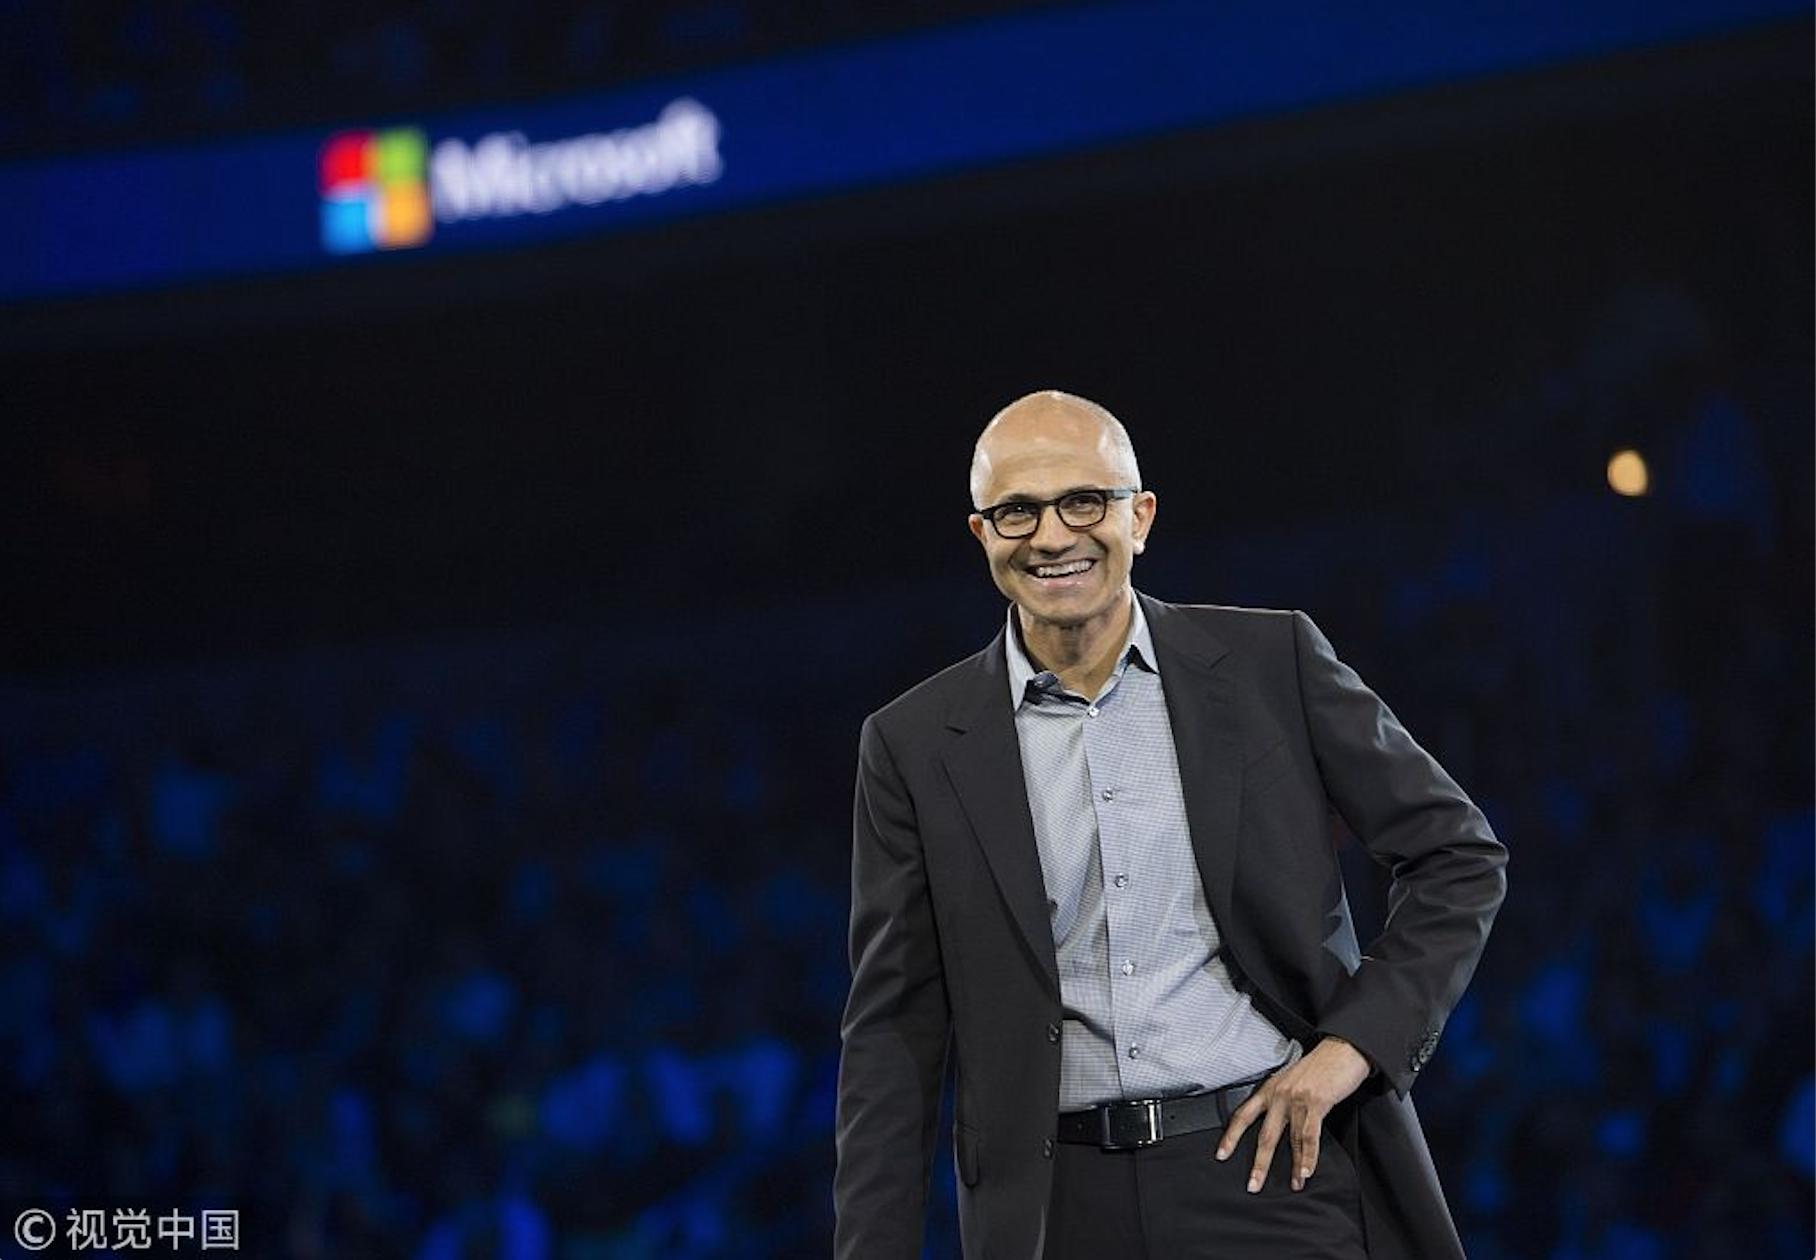 微软时隔20年重回全球市值第一 !能保持吗?